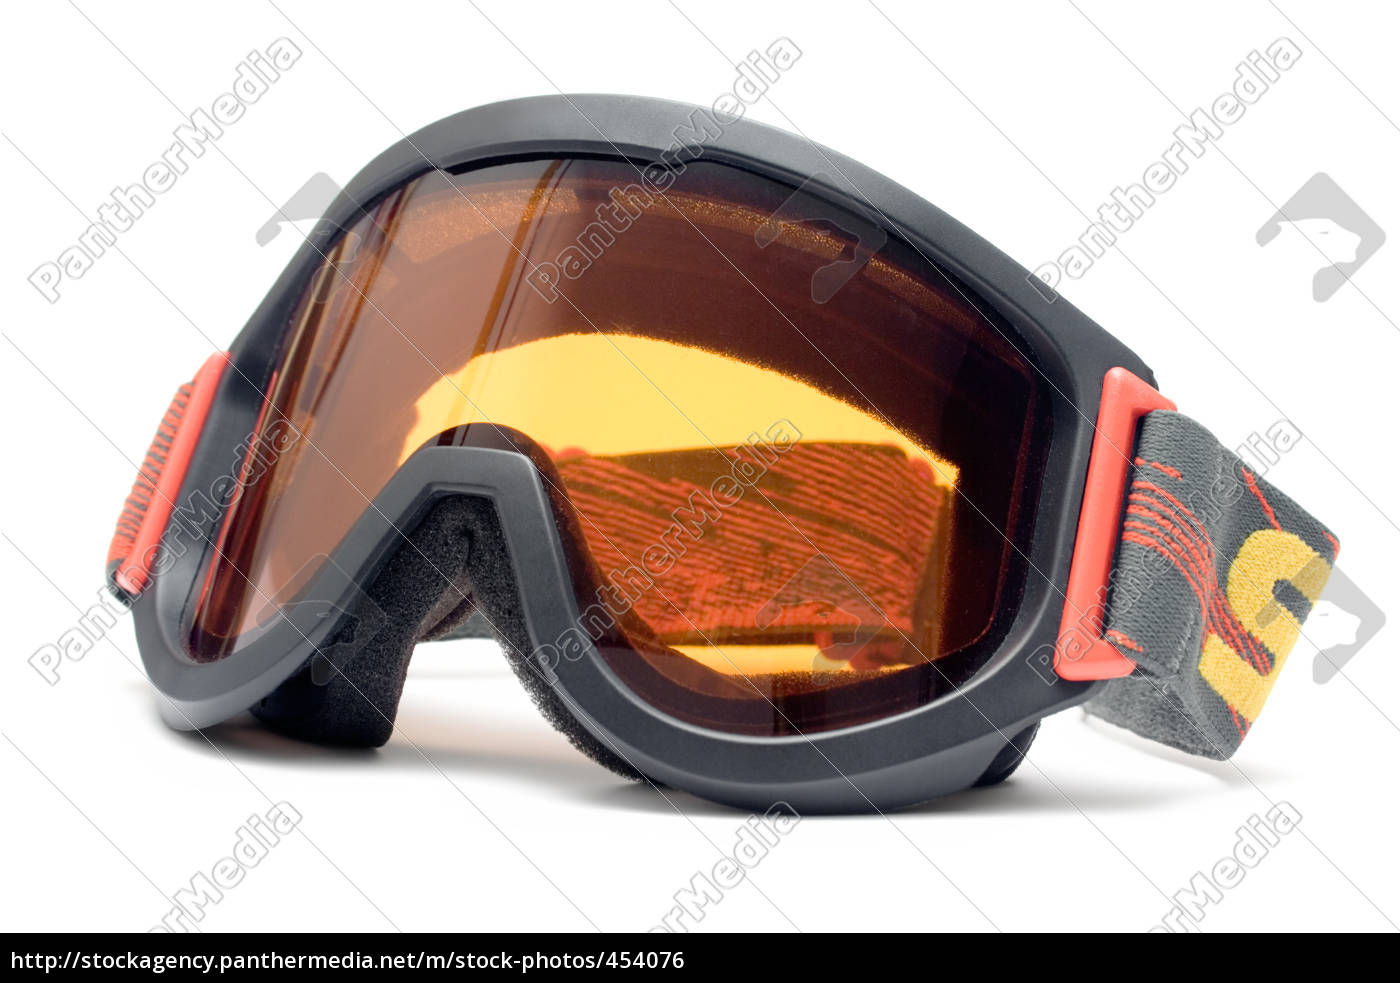 goggles - 454076